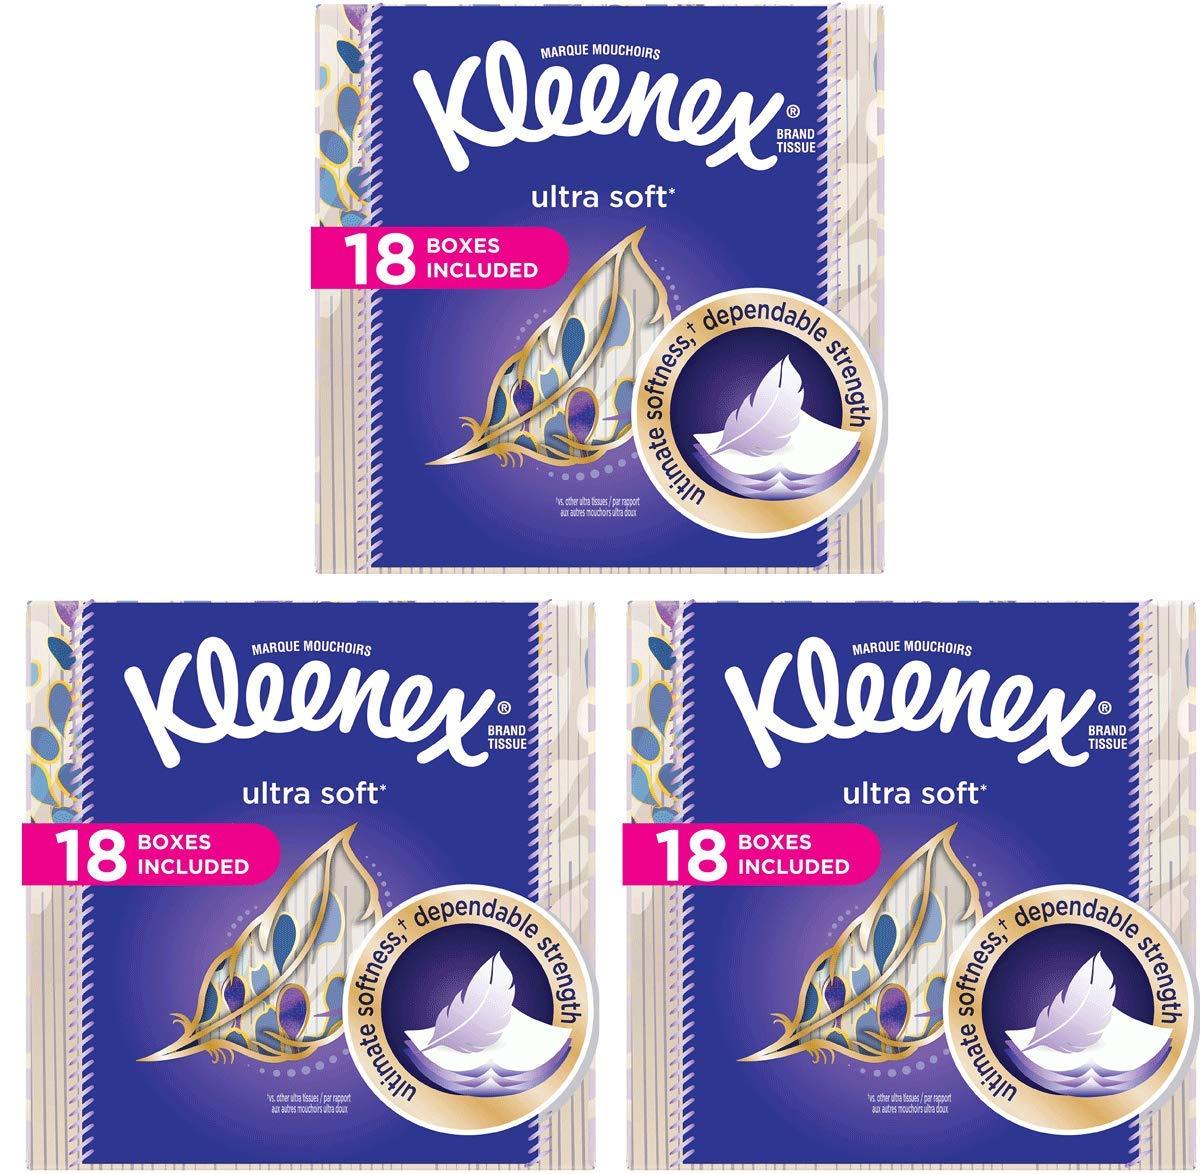 Kleenex asdaSs Ultra Soft Facial Tissues, 75 Tissues per Cube Box, 54 Boxes, 75 Tissues/Box